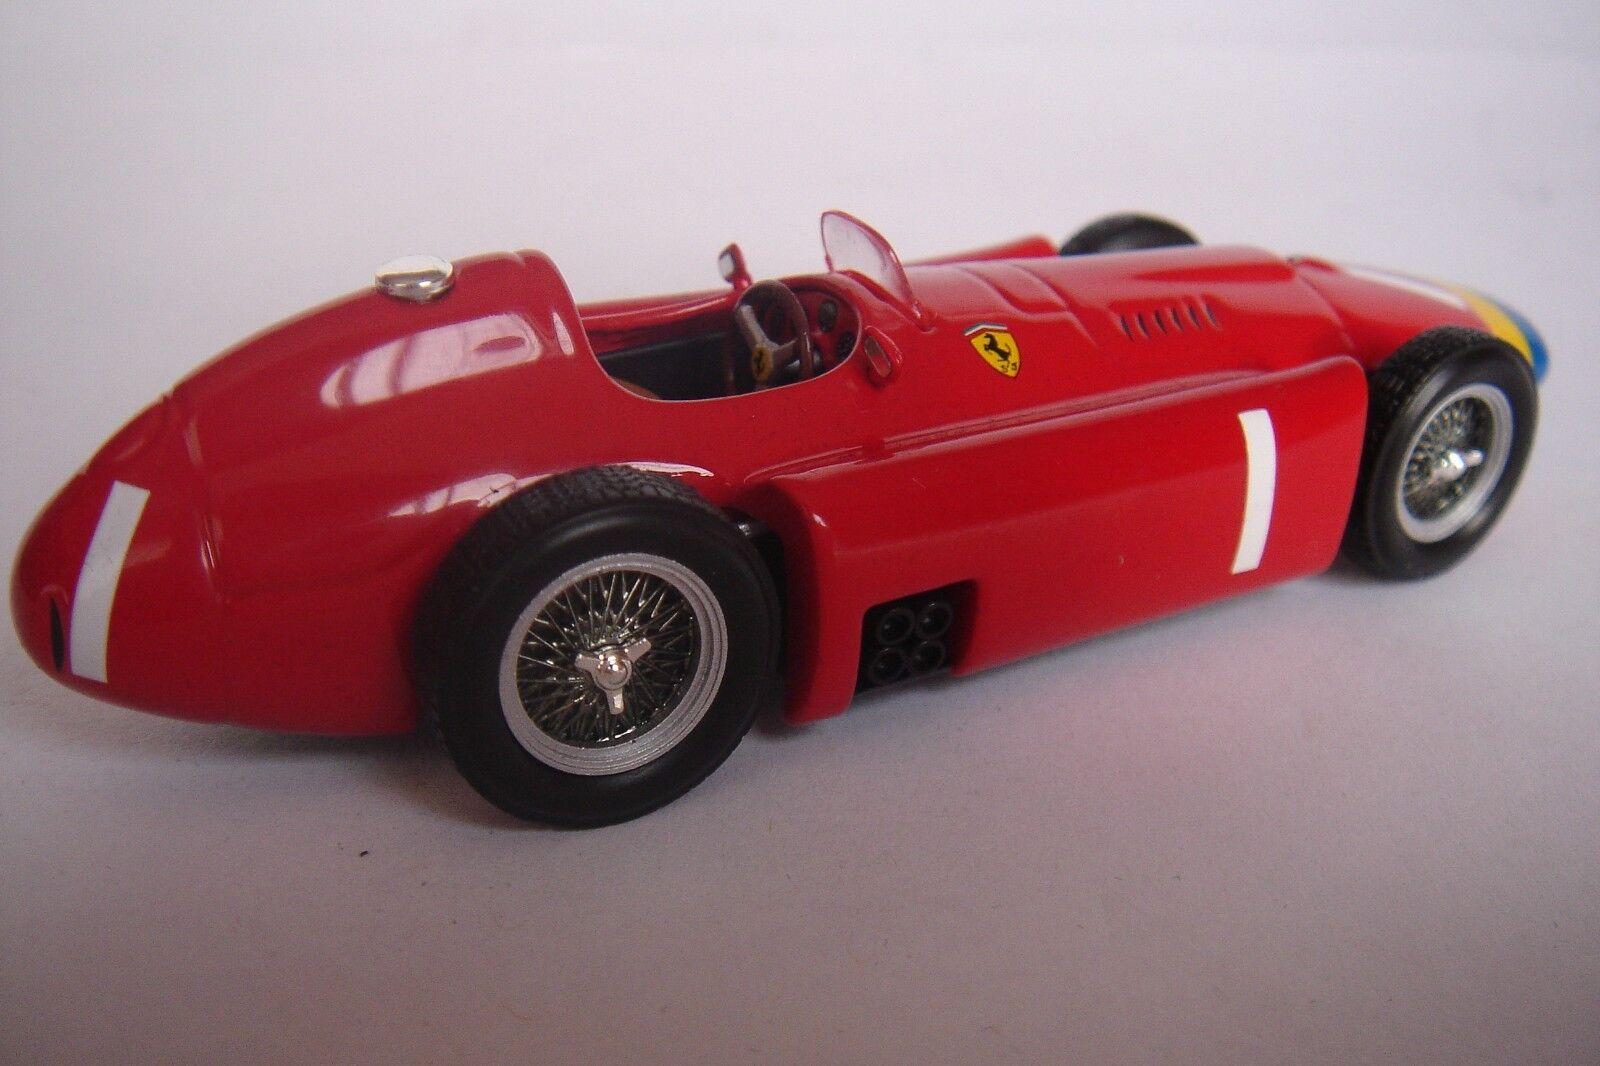 IXO 1:43 Ferrari Ferrari Ferrari la storia D50 #10 Vainqueur GP Nurburgring 1956 SF01 | Pour Assurer Problèmes Pendant Des Années-service Gratuit  a15b6d